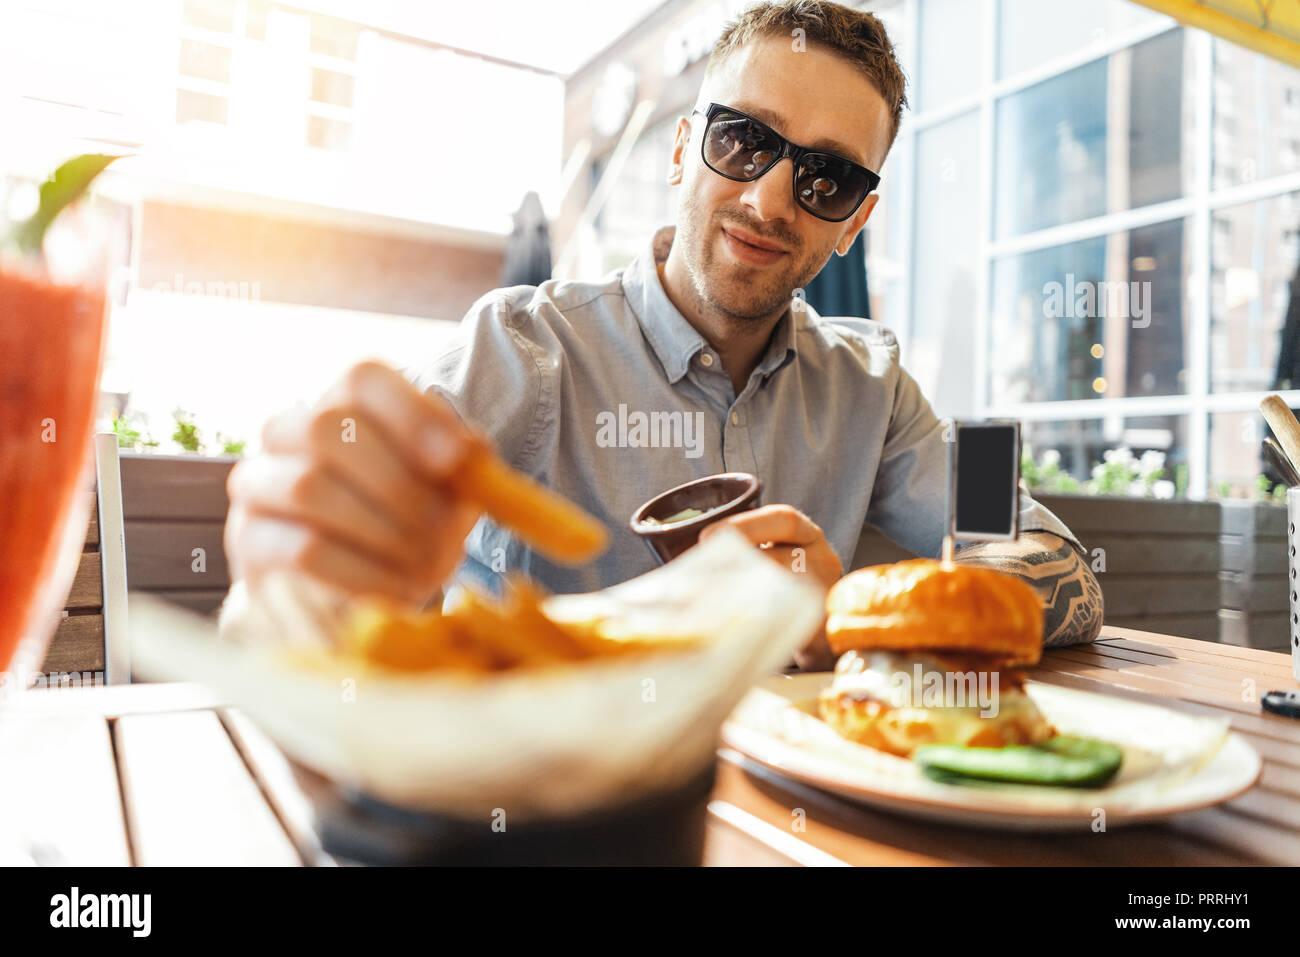 Nahaufnahme von jungen attraktiven Mann essen Pommes und Burger an Street Cafe. Stockbild